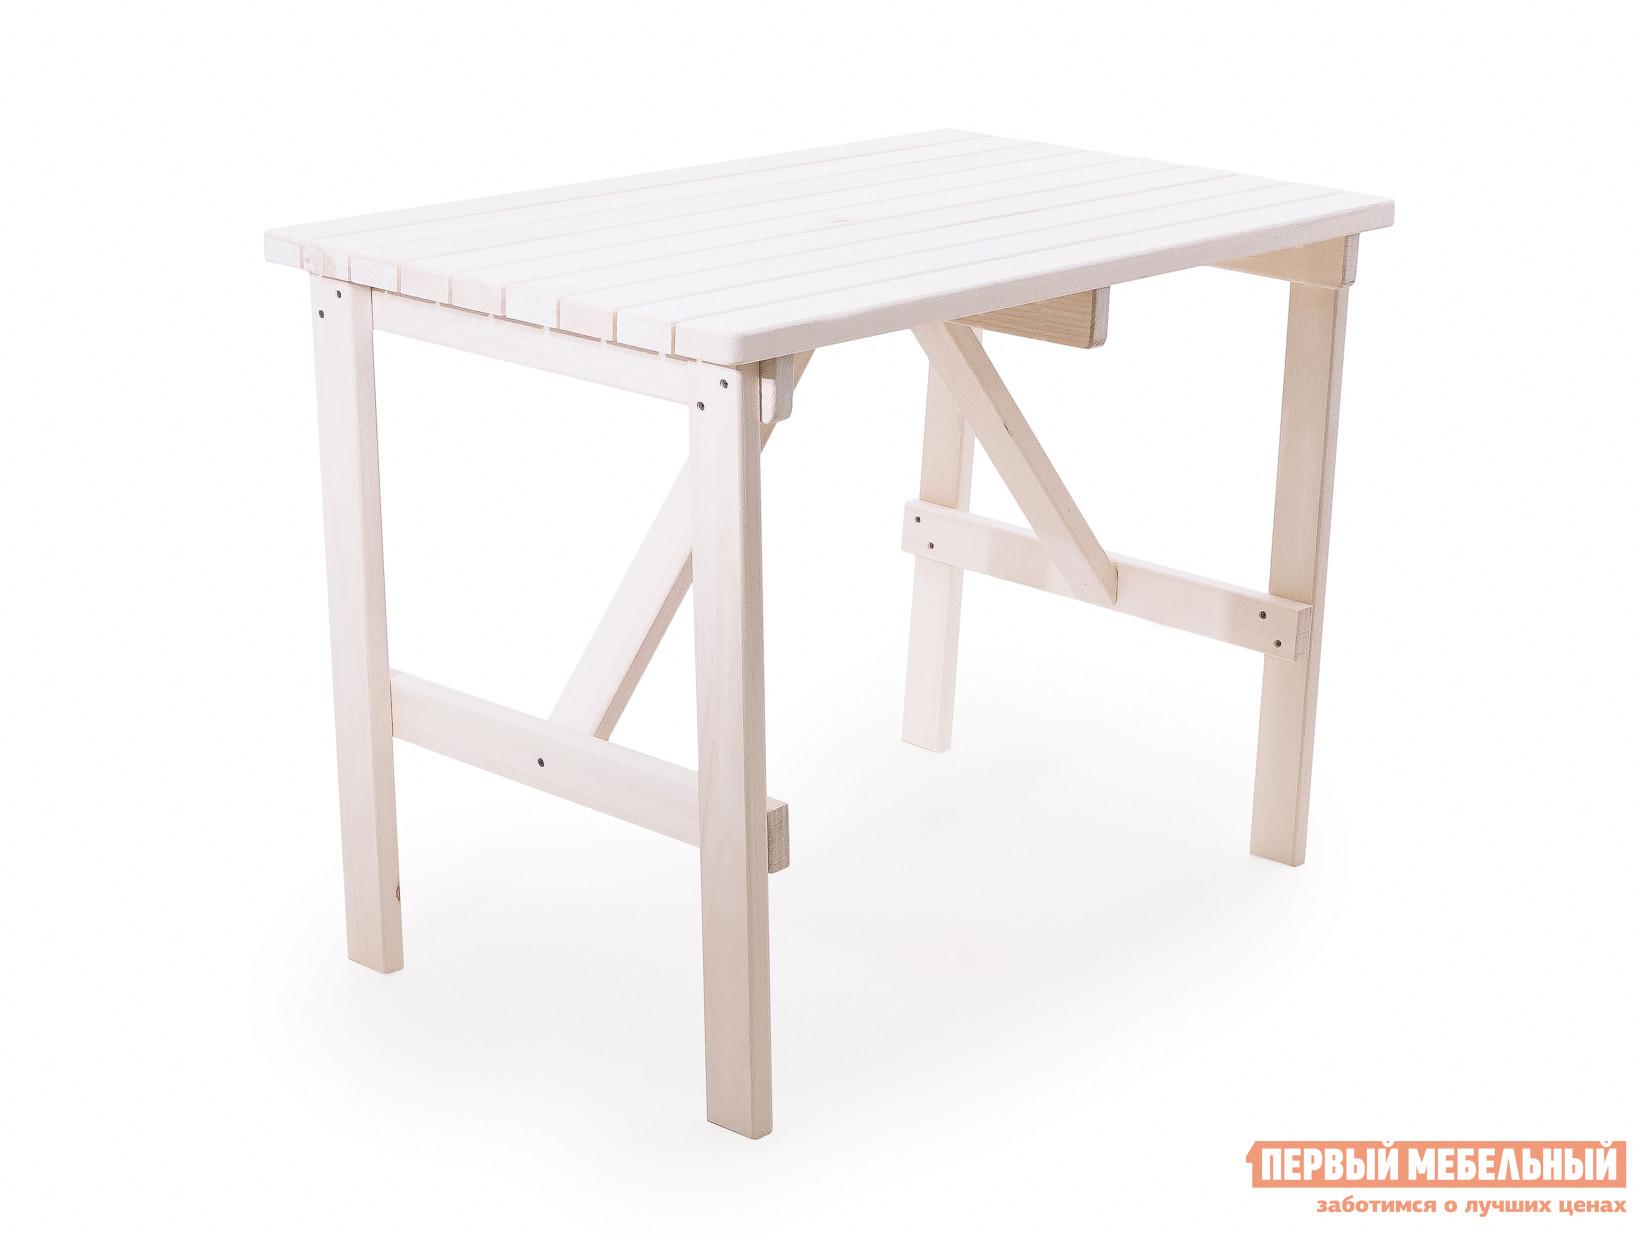 Садовый стол СМКА Стол (осина) Веранда ОсинаСадовые столы<br>Габаритные размеры ВхШхГ 750x1000x600 мм. Крепкий деревянный стол Веранда из тщательно обработанной шлифованной осины.  Его поверхность чиста и ничем не покрыта, она хранит тепло и аромат натурального дерева. При желании вы можете нанести на стол лаковое покрытие, чтобы можно было свободно использовать его на улице, или окрасить в любой цвет для создания яркого интерьера. Столешница имеет небольшой размер 1000х600 мм.  За ней удобно расположиться смогут до четырех человек.<br><br>Цвет: Светлое дерево<br>Высота мм: 750<br>Ширина мм: 1000<br>Глубина мм: 600<br>Кол-во упаковок: 1<br>Форма поставки: В разобранном виде<br>Срок гарантии: 1 год<br>Тип: Обеденные<br>Материал: Массив дерева<br>Порода дерева: Осина<br>Форма: Прямоугольные<br>Размер: Маленькие